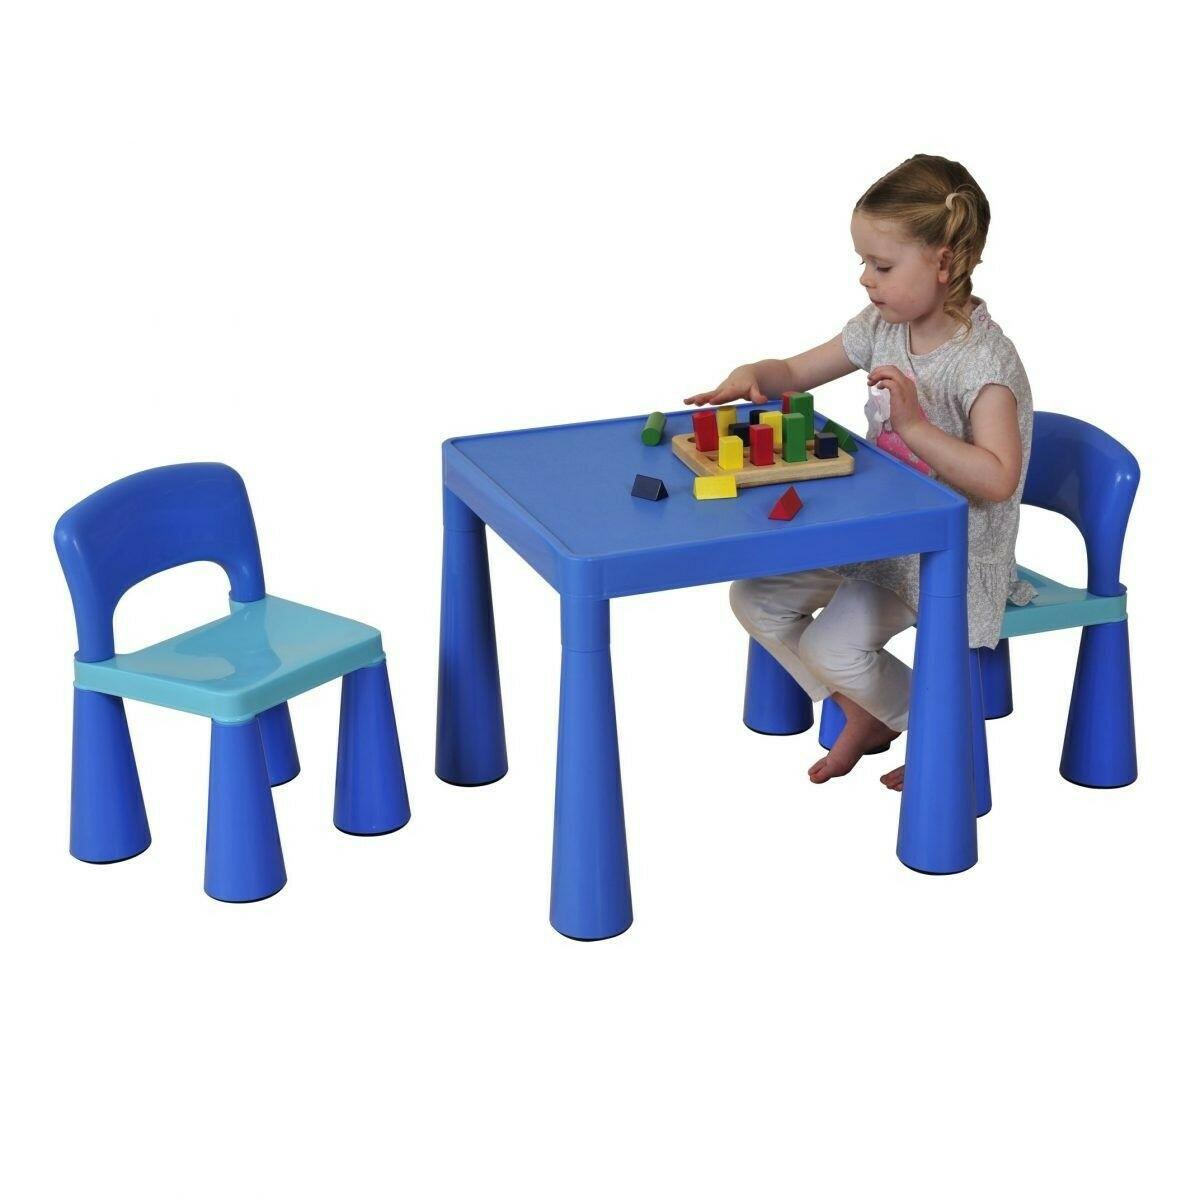 Kinder Blau Tisch & Stuhl Set SM004B